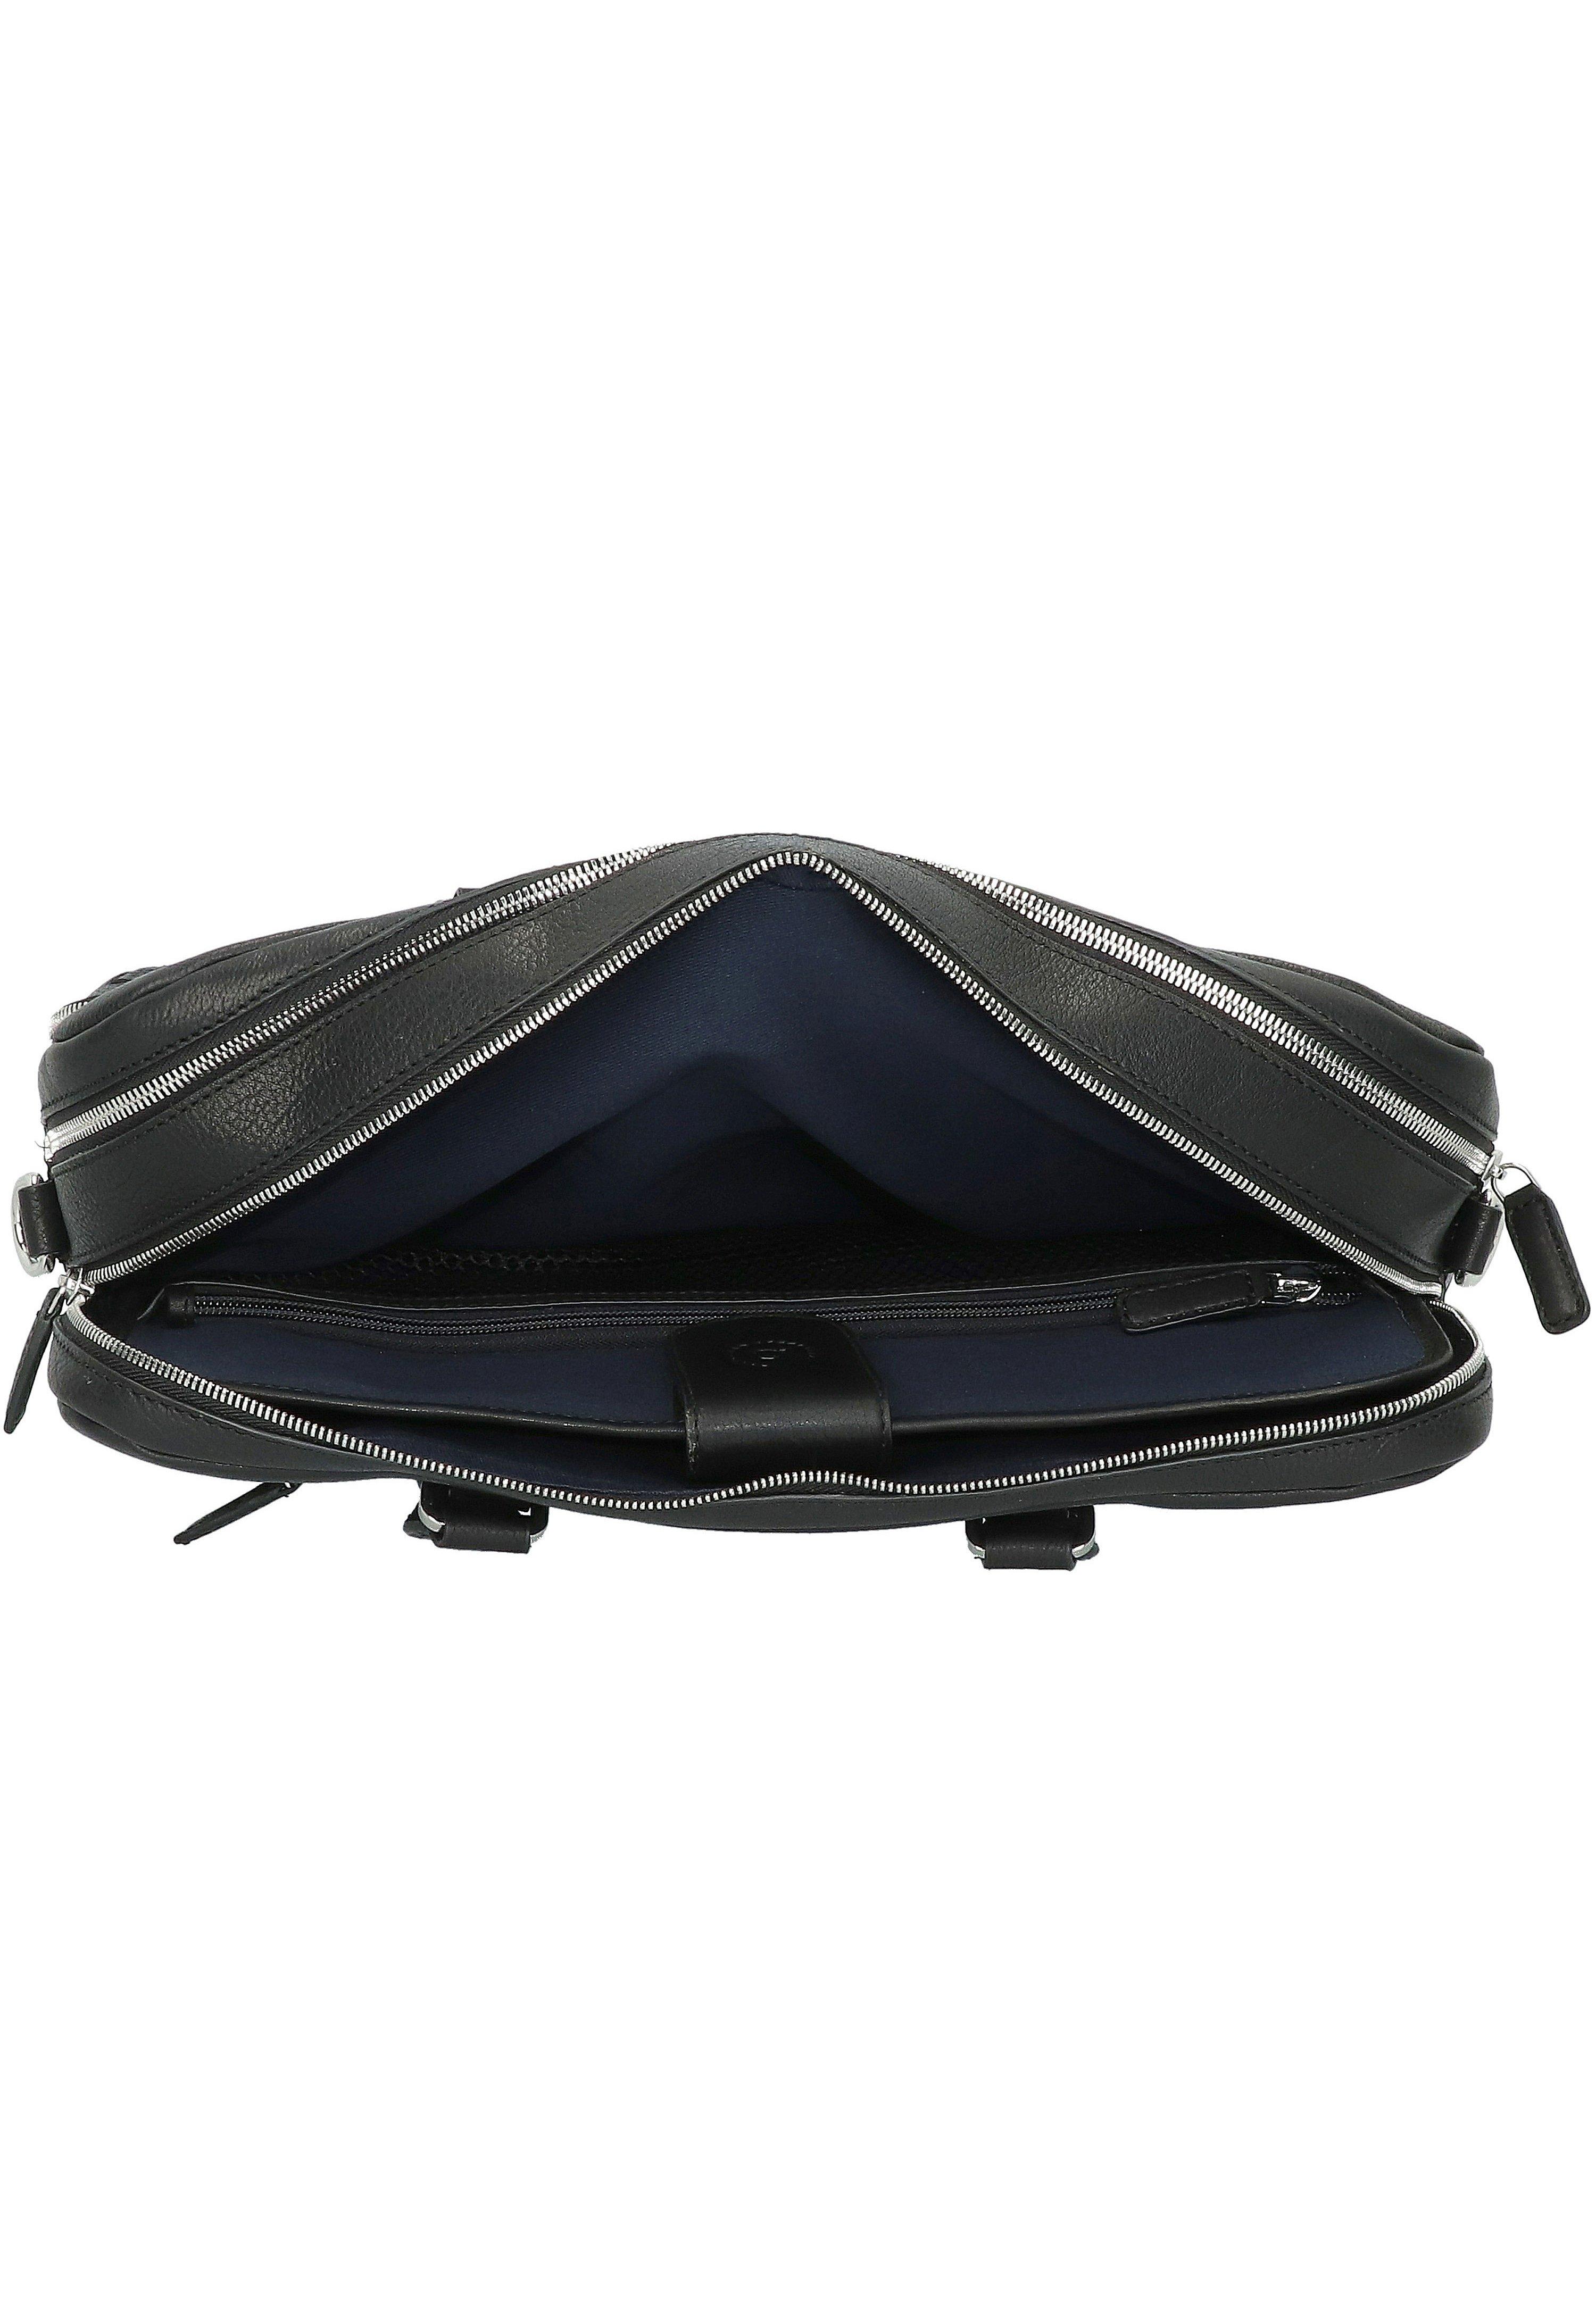 Bugatti WOVEN AKTENTASCHE  - Notebooktasche - schwarz - Herrentaschen KuZ4s